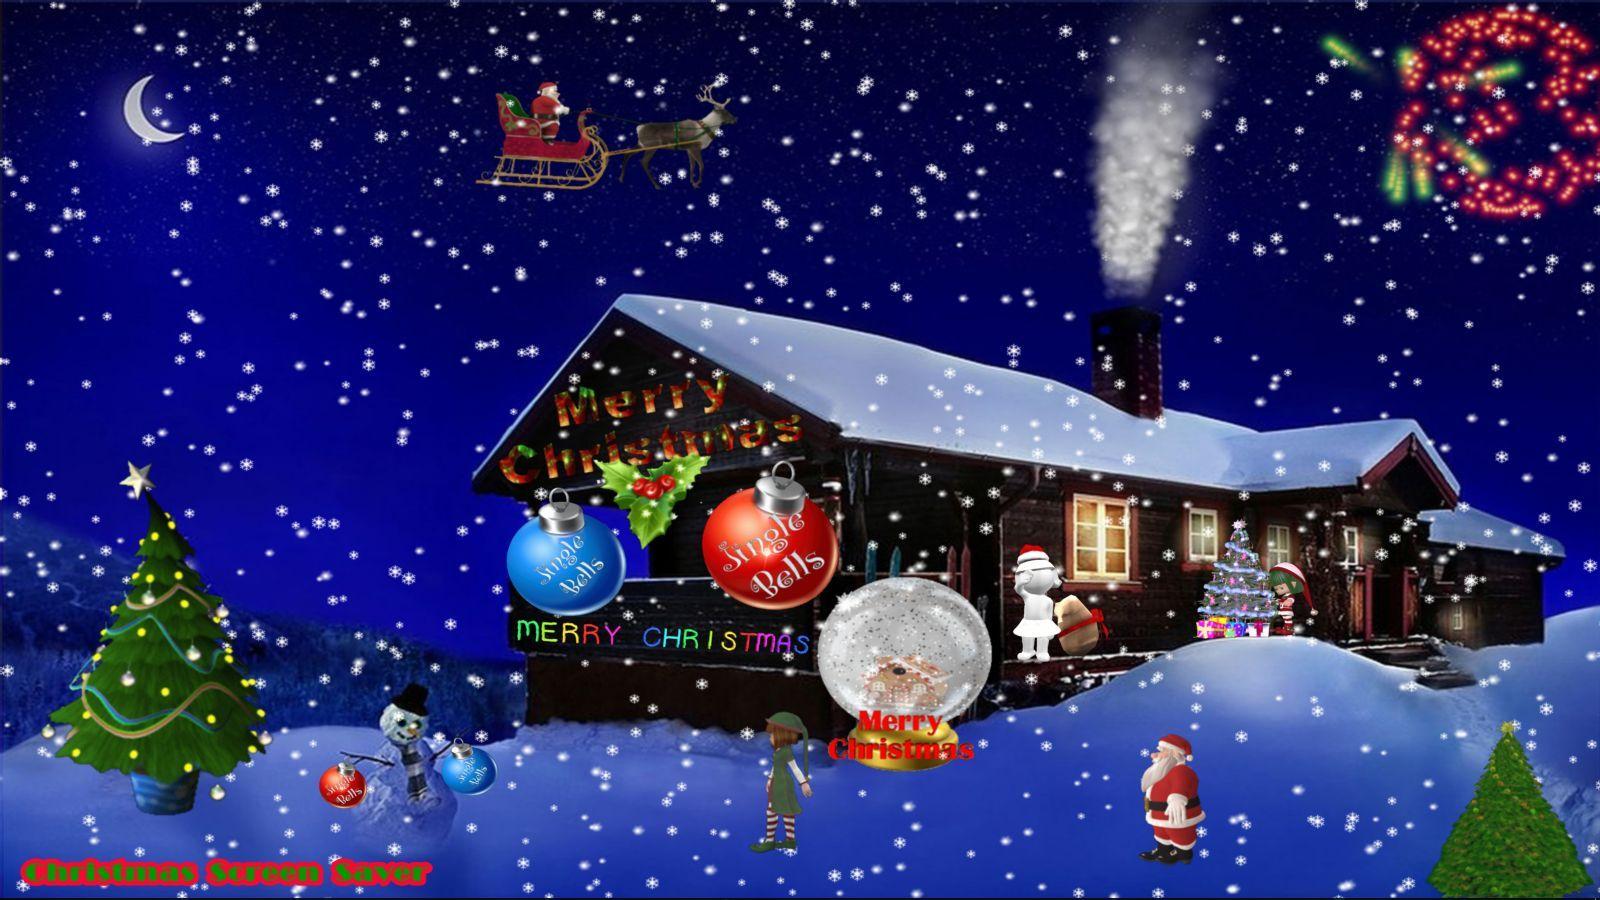 Christmas Screen Saver Www Macnpcsoftware Com Winter Wallpaper Desktop 3d Animation Wallpaper Winter Wallpaper